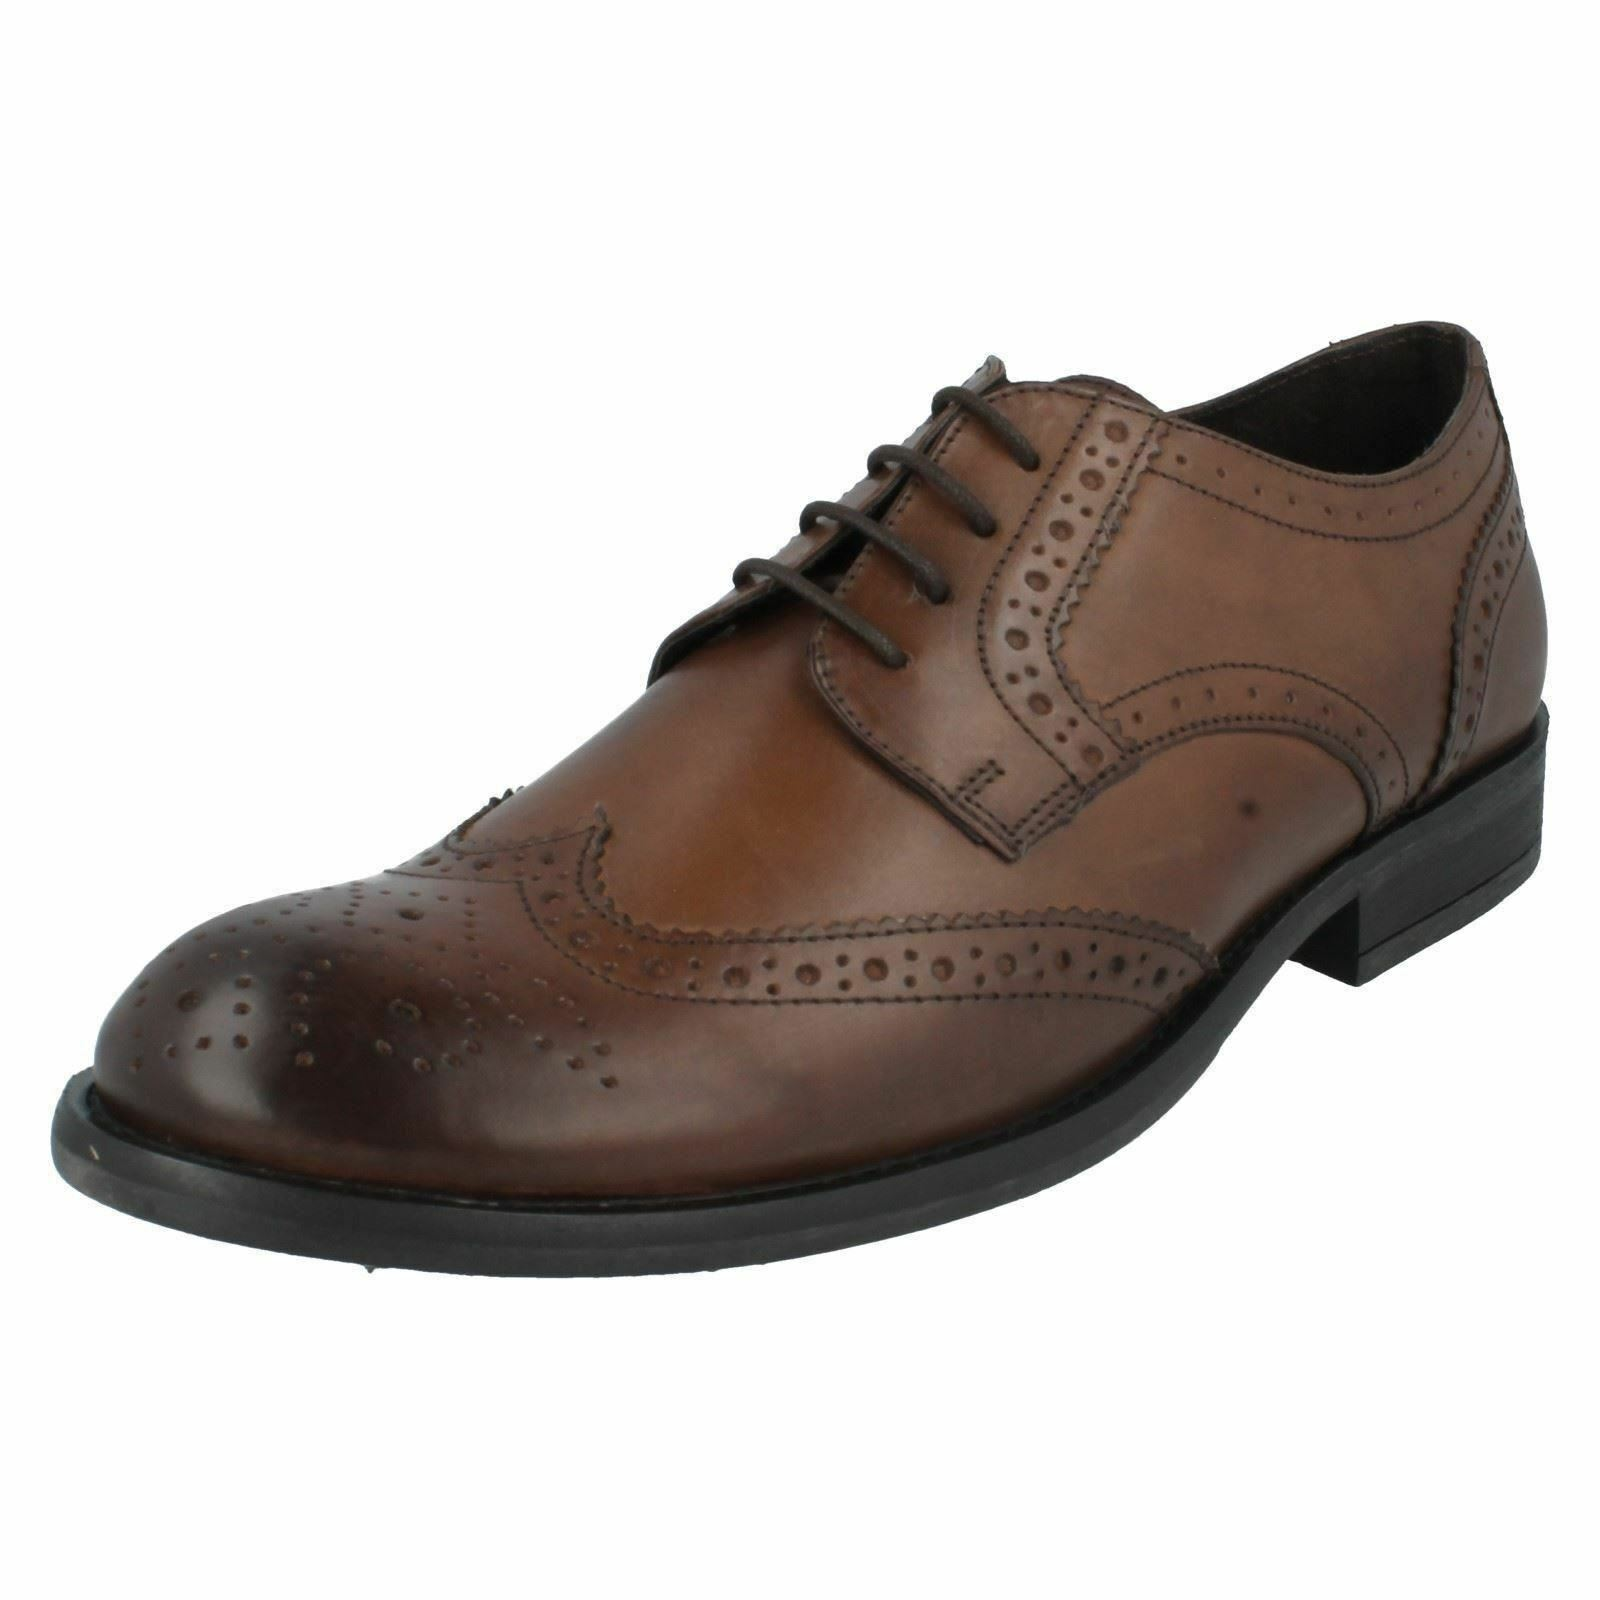 Uomo Base London Scarpe eleganti - Quercia MTO Scarpe classiche da uomo